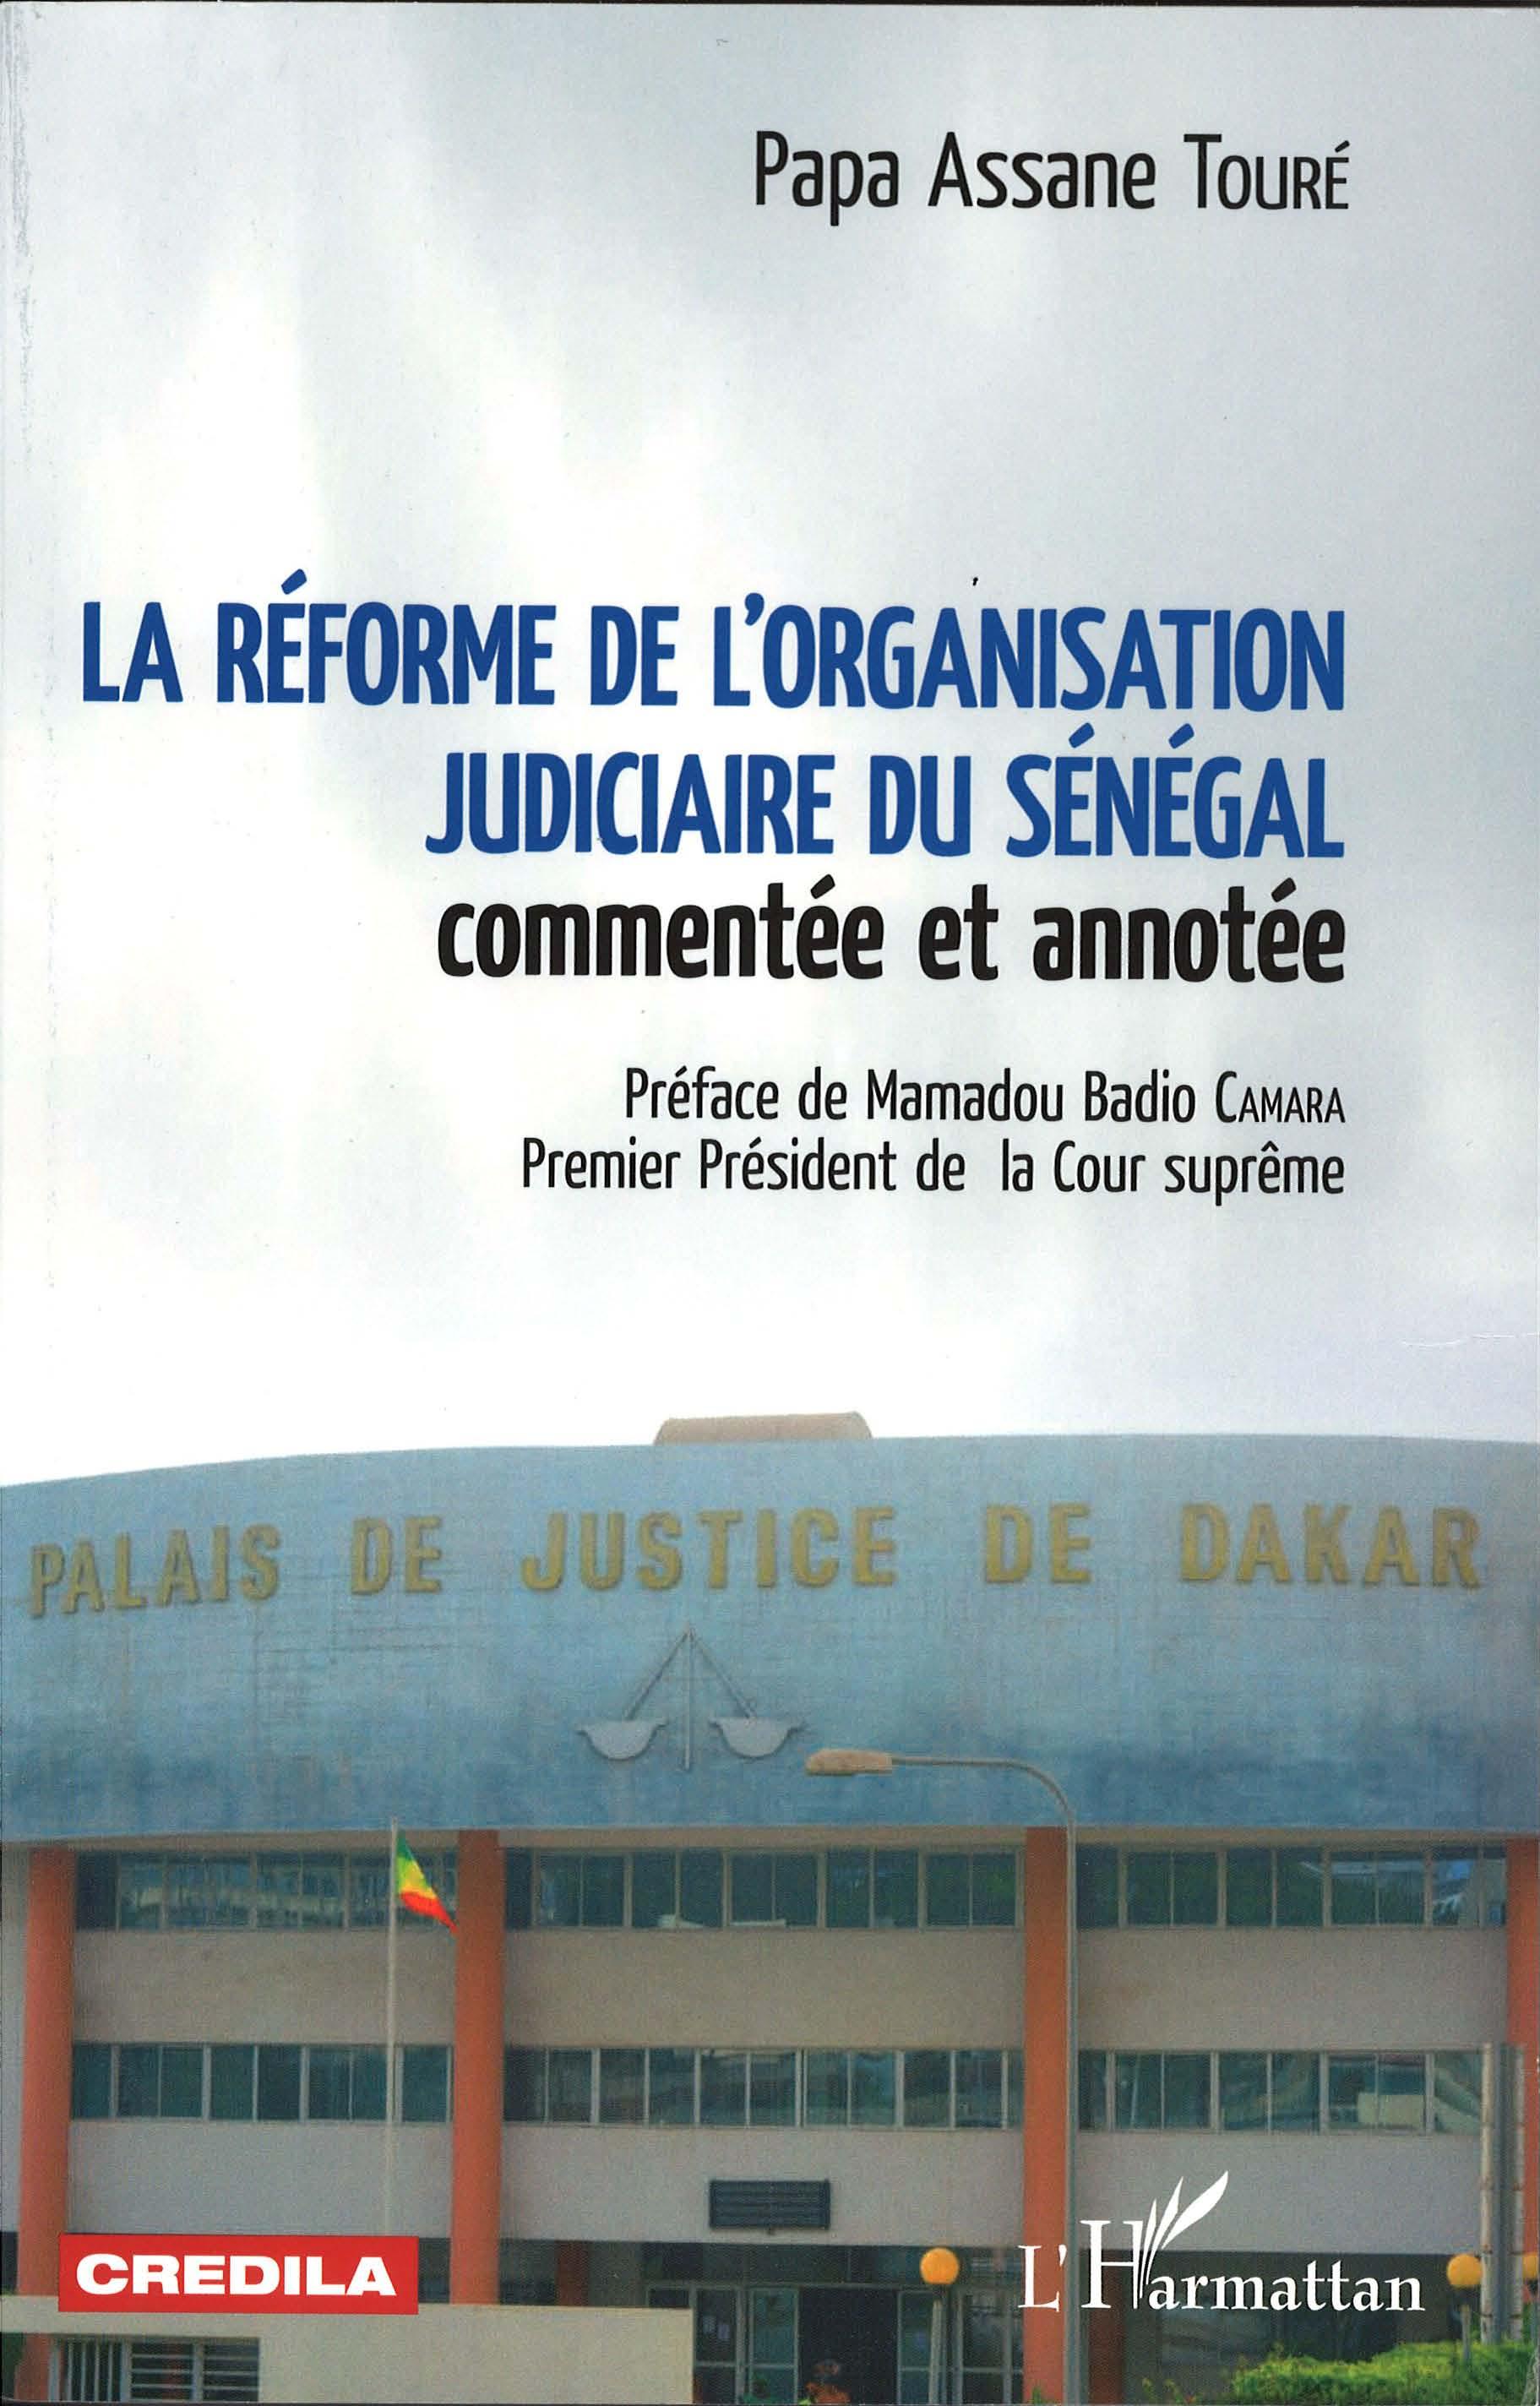 La réforme de l'organisation judiciaire du Sénégal commentée et annotée